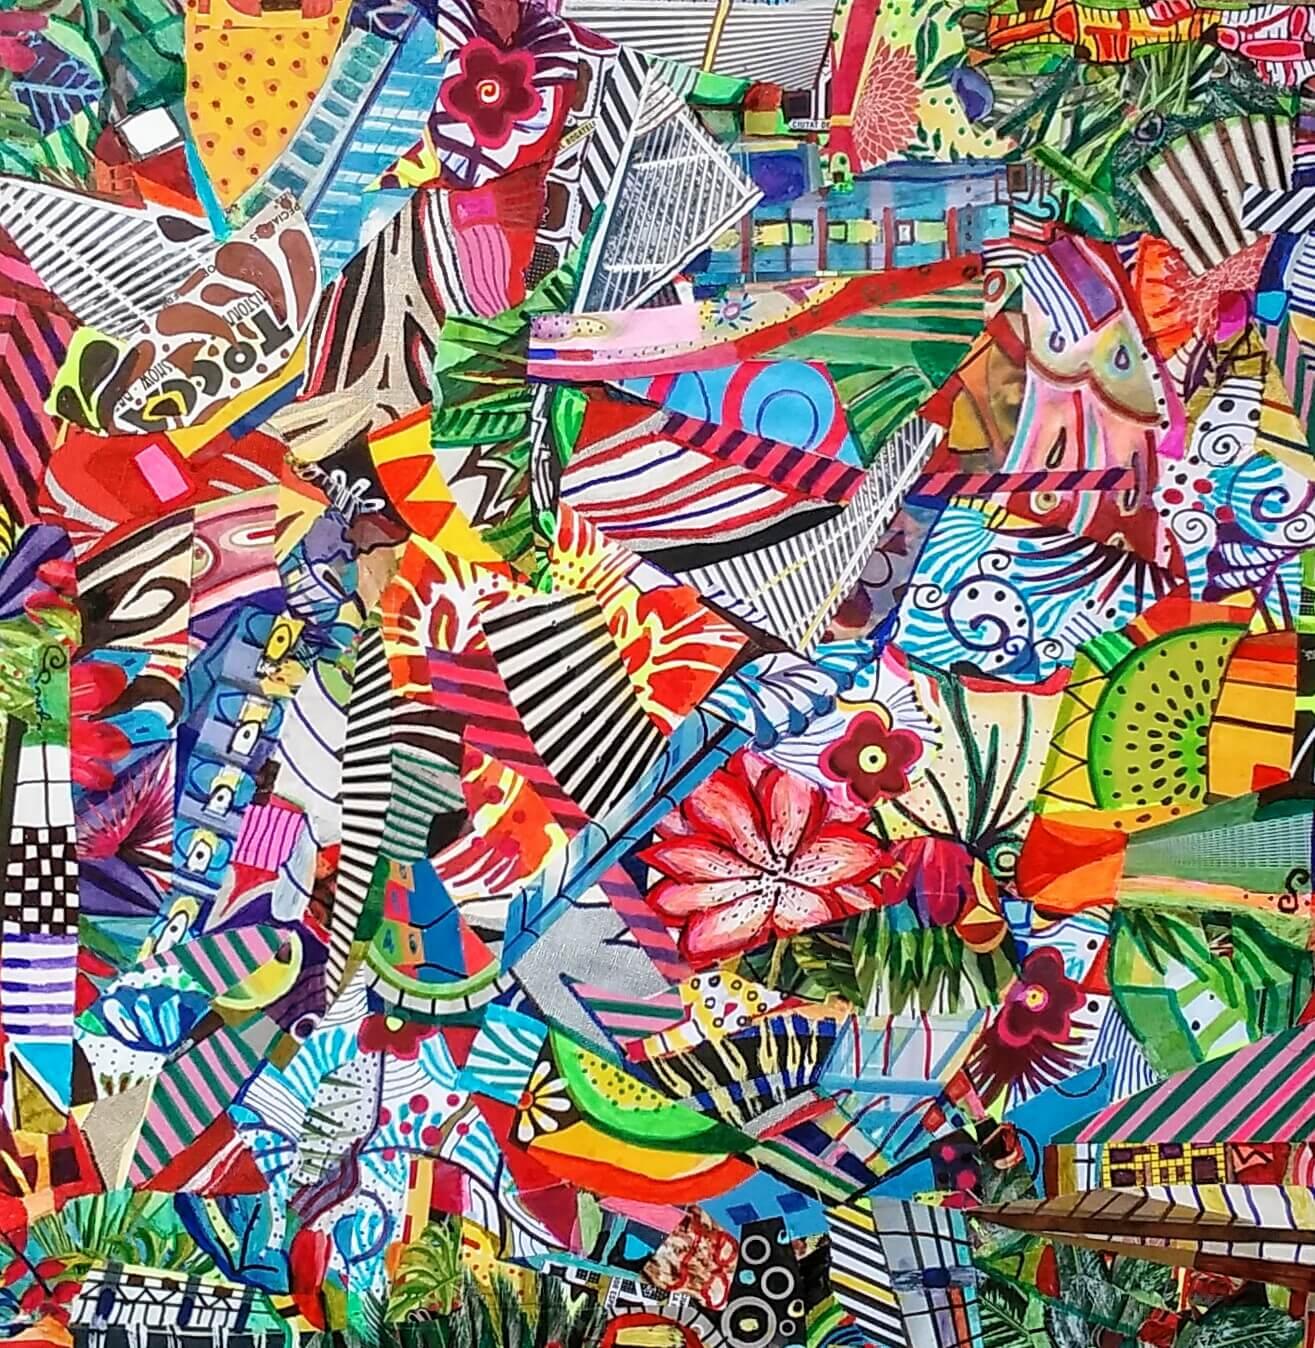 DANIEL MEAKIN, Design Of A City. £410.